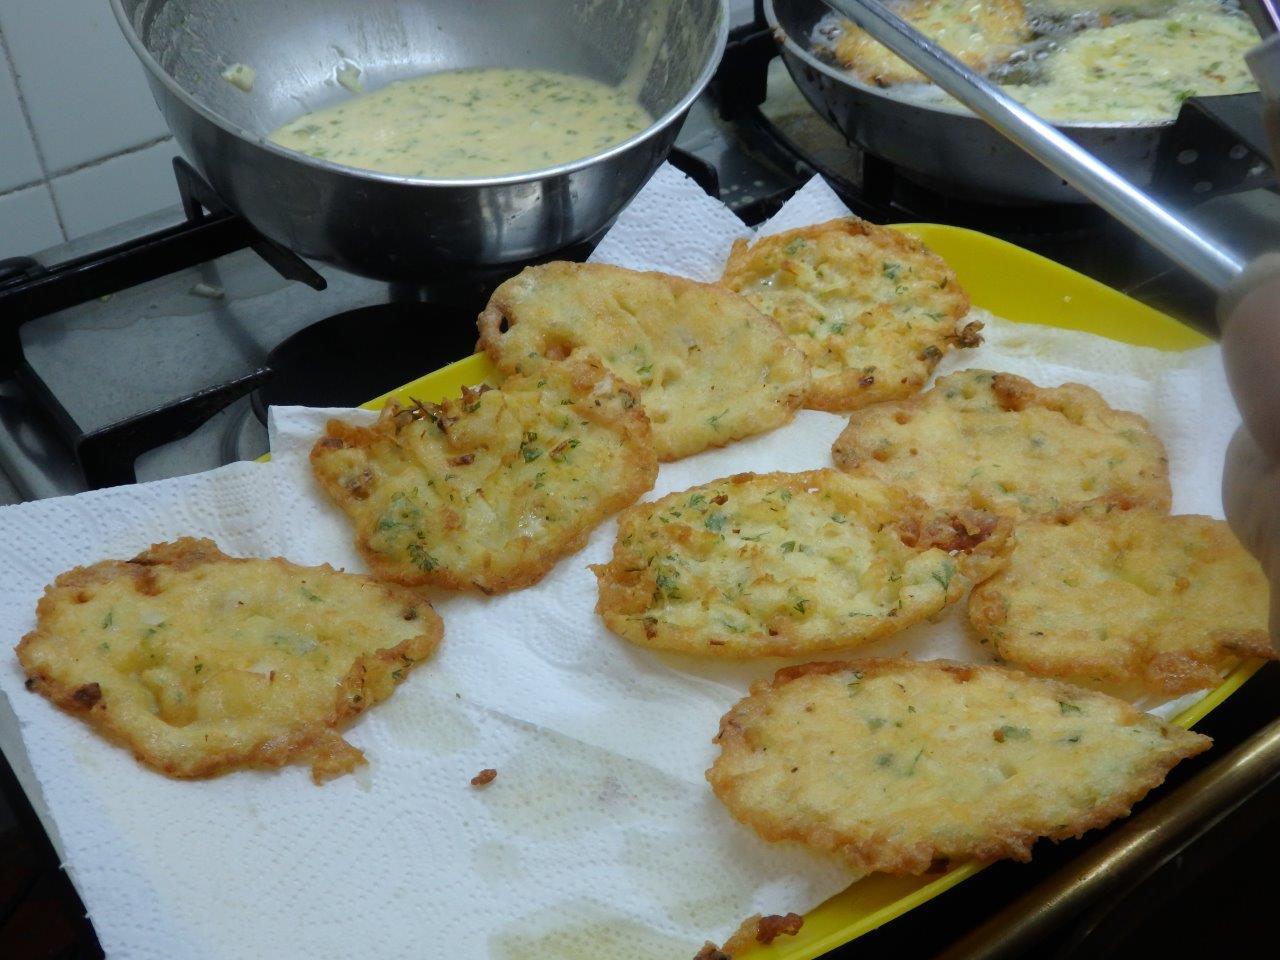 Pataniscas crocantes de bacalhau pataniscas crocantes de bacalhau Pataniscas crocantes de bacalhau Pataniscas crocantes de bacalhau 3